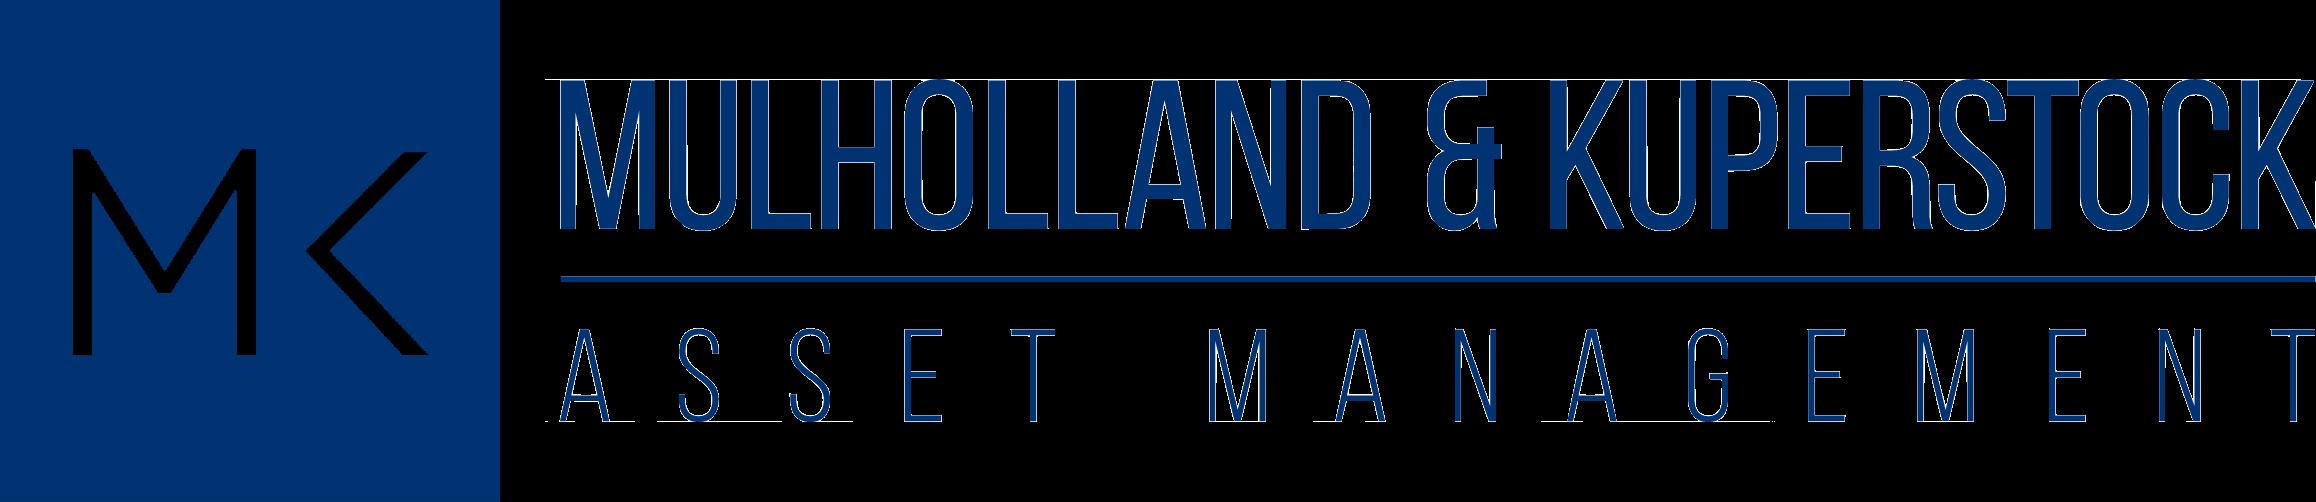 Logo for Mulholland & Kuperstock Asset Management